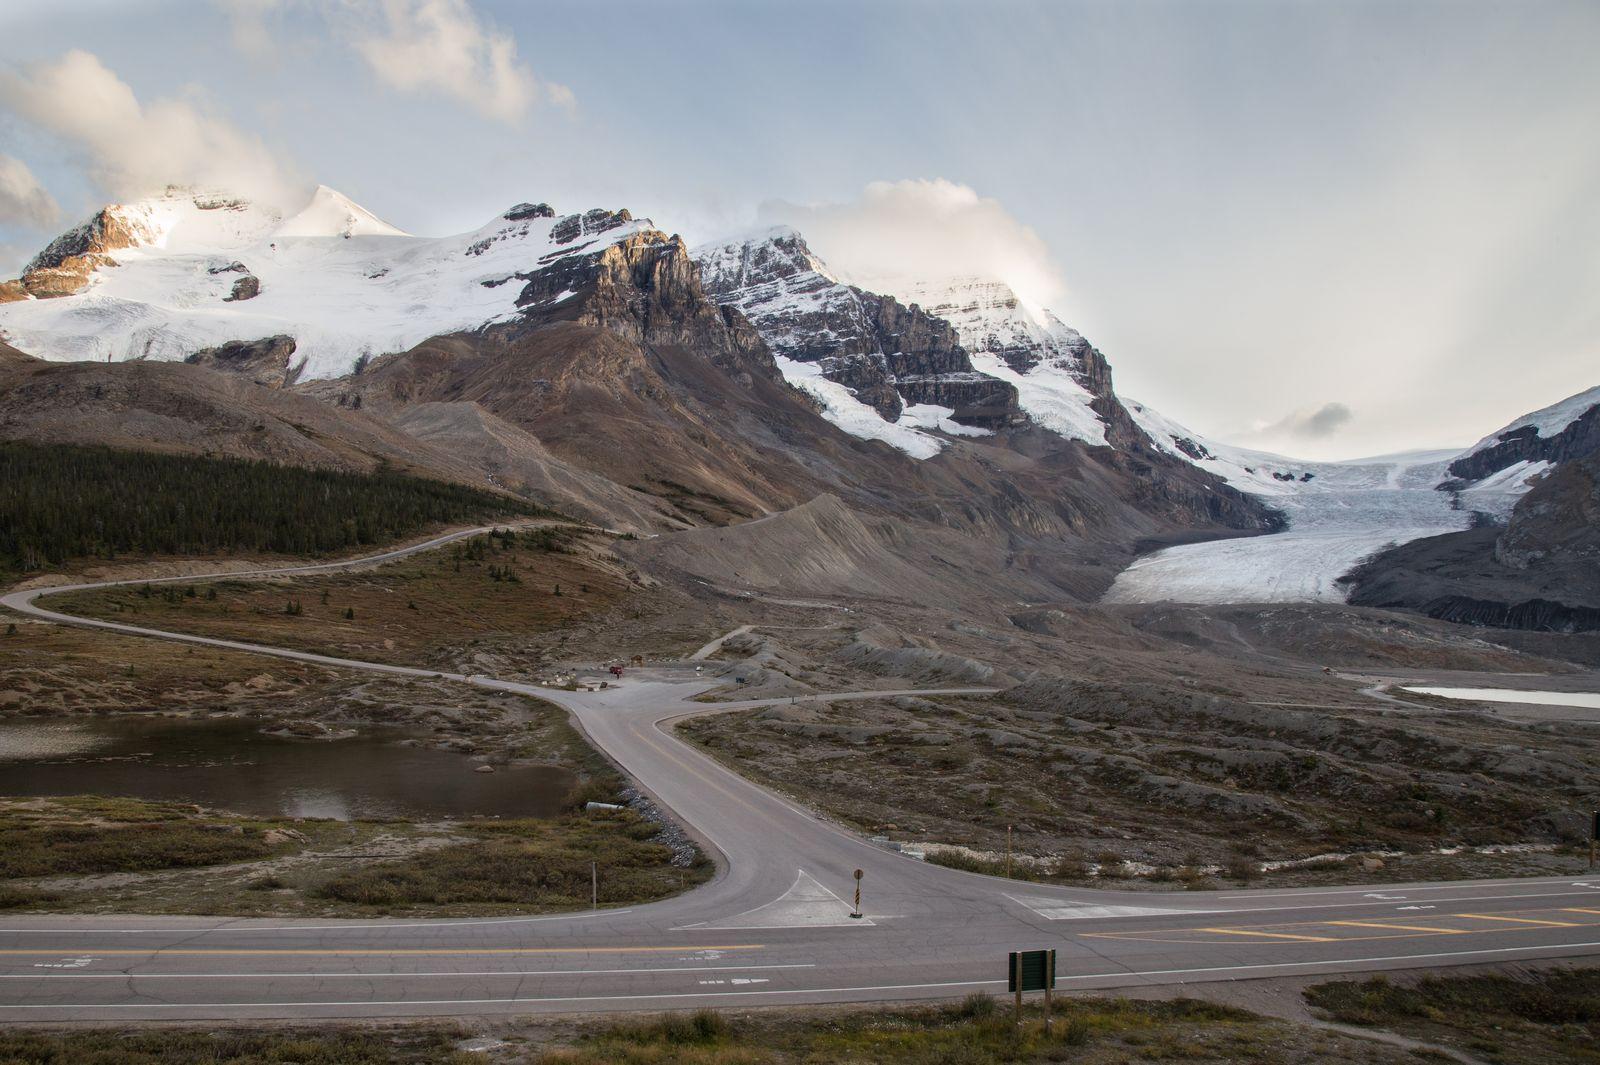 Y las vistas a Athabasca Glacier